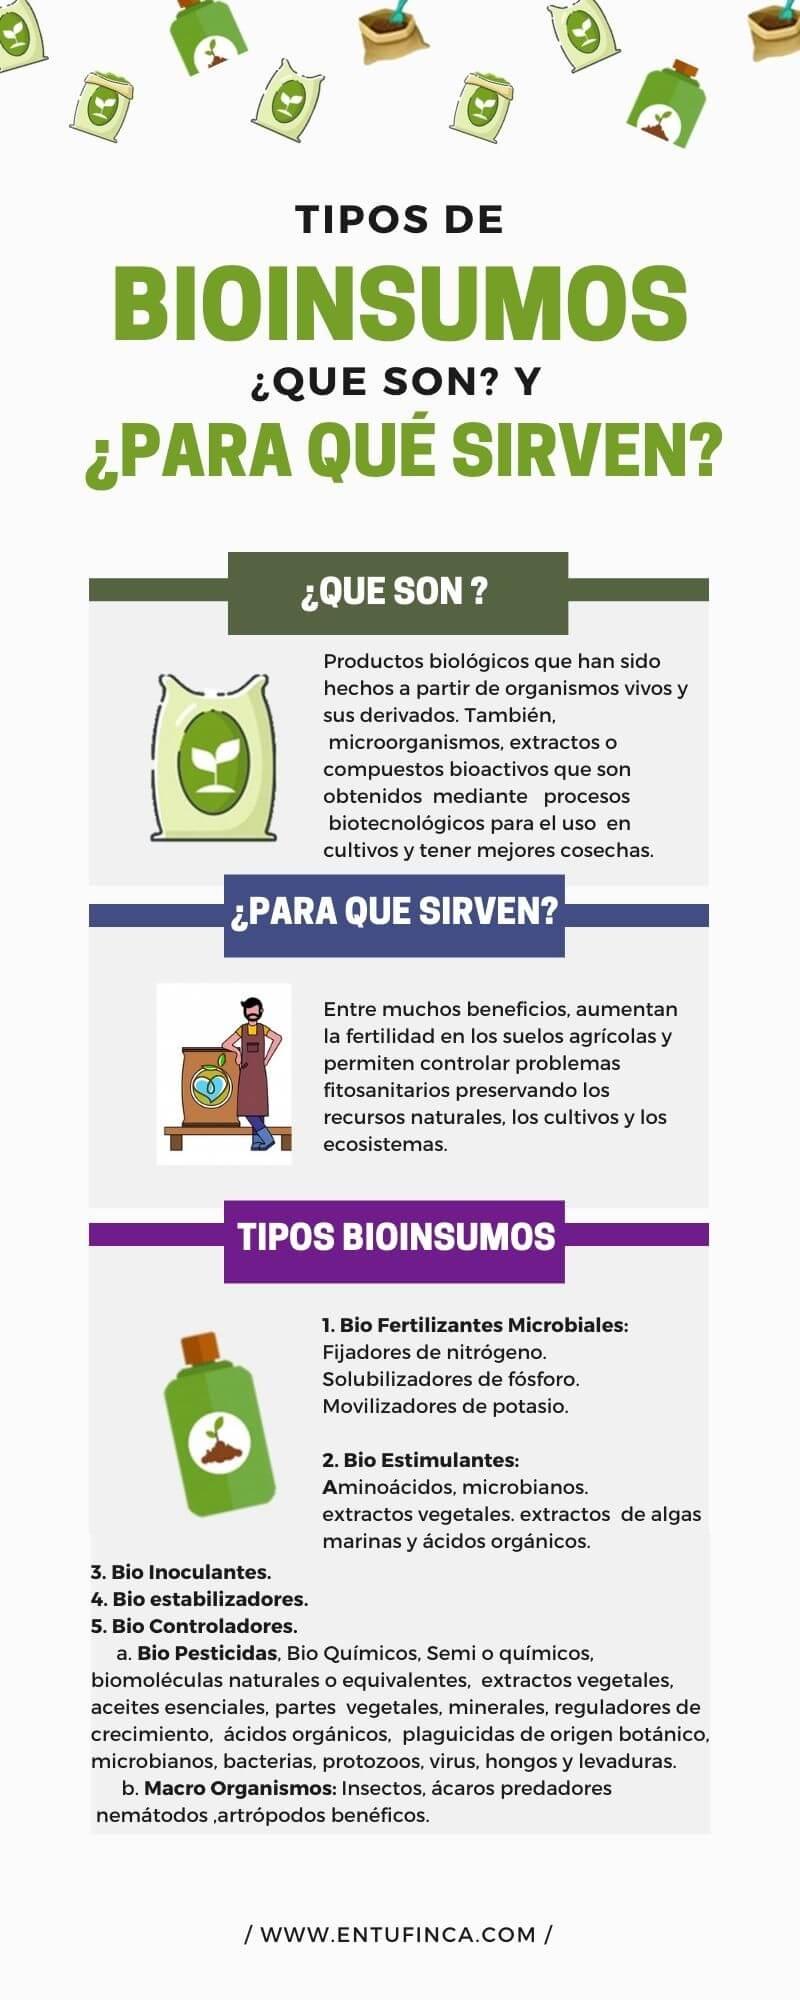 3Bioinsumos, #EnTuFinca